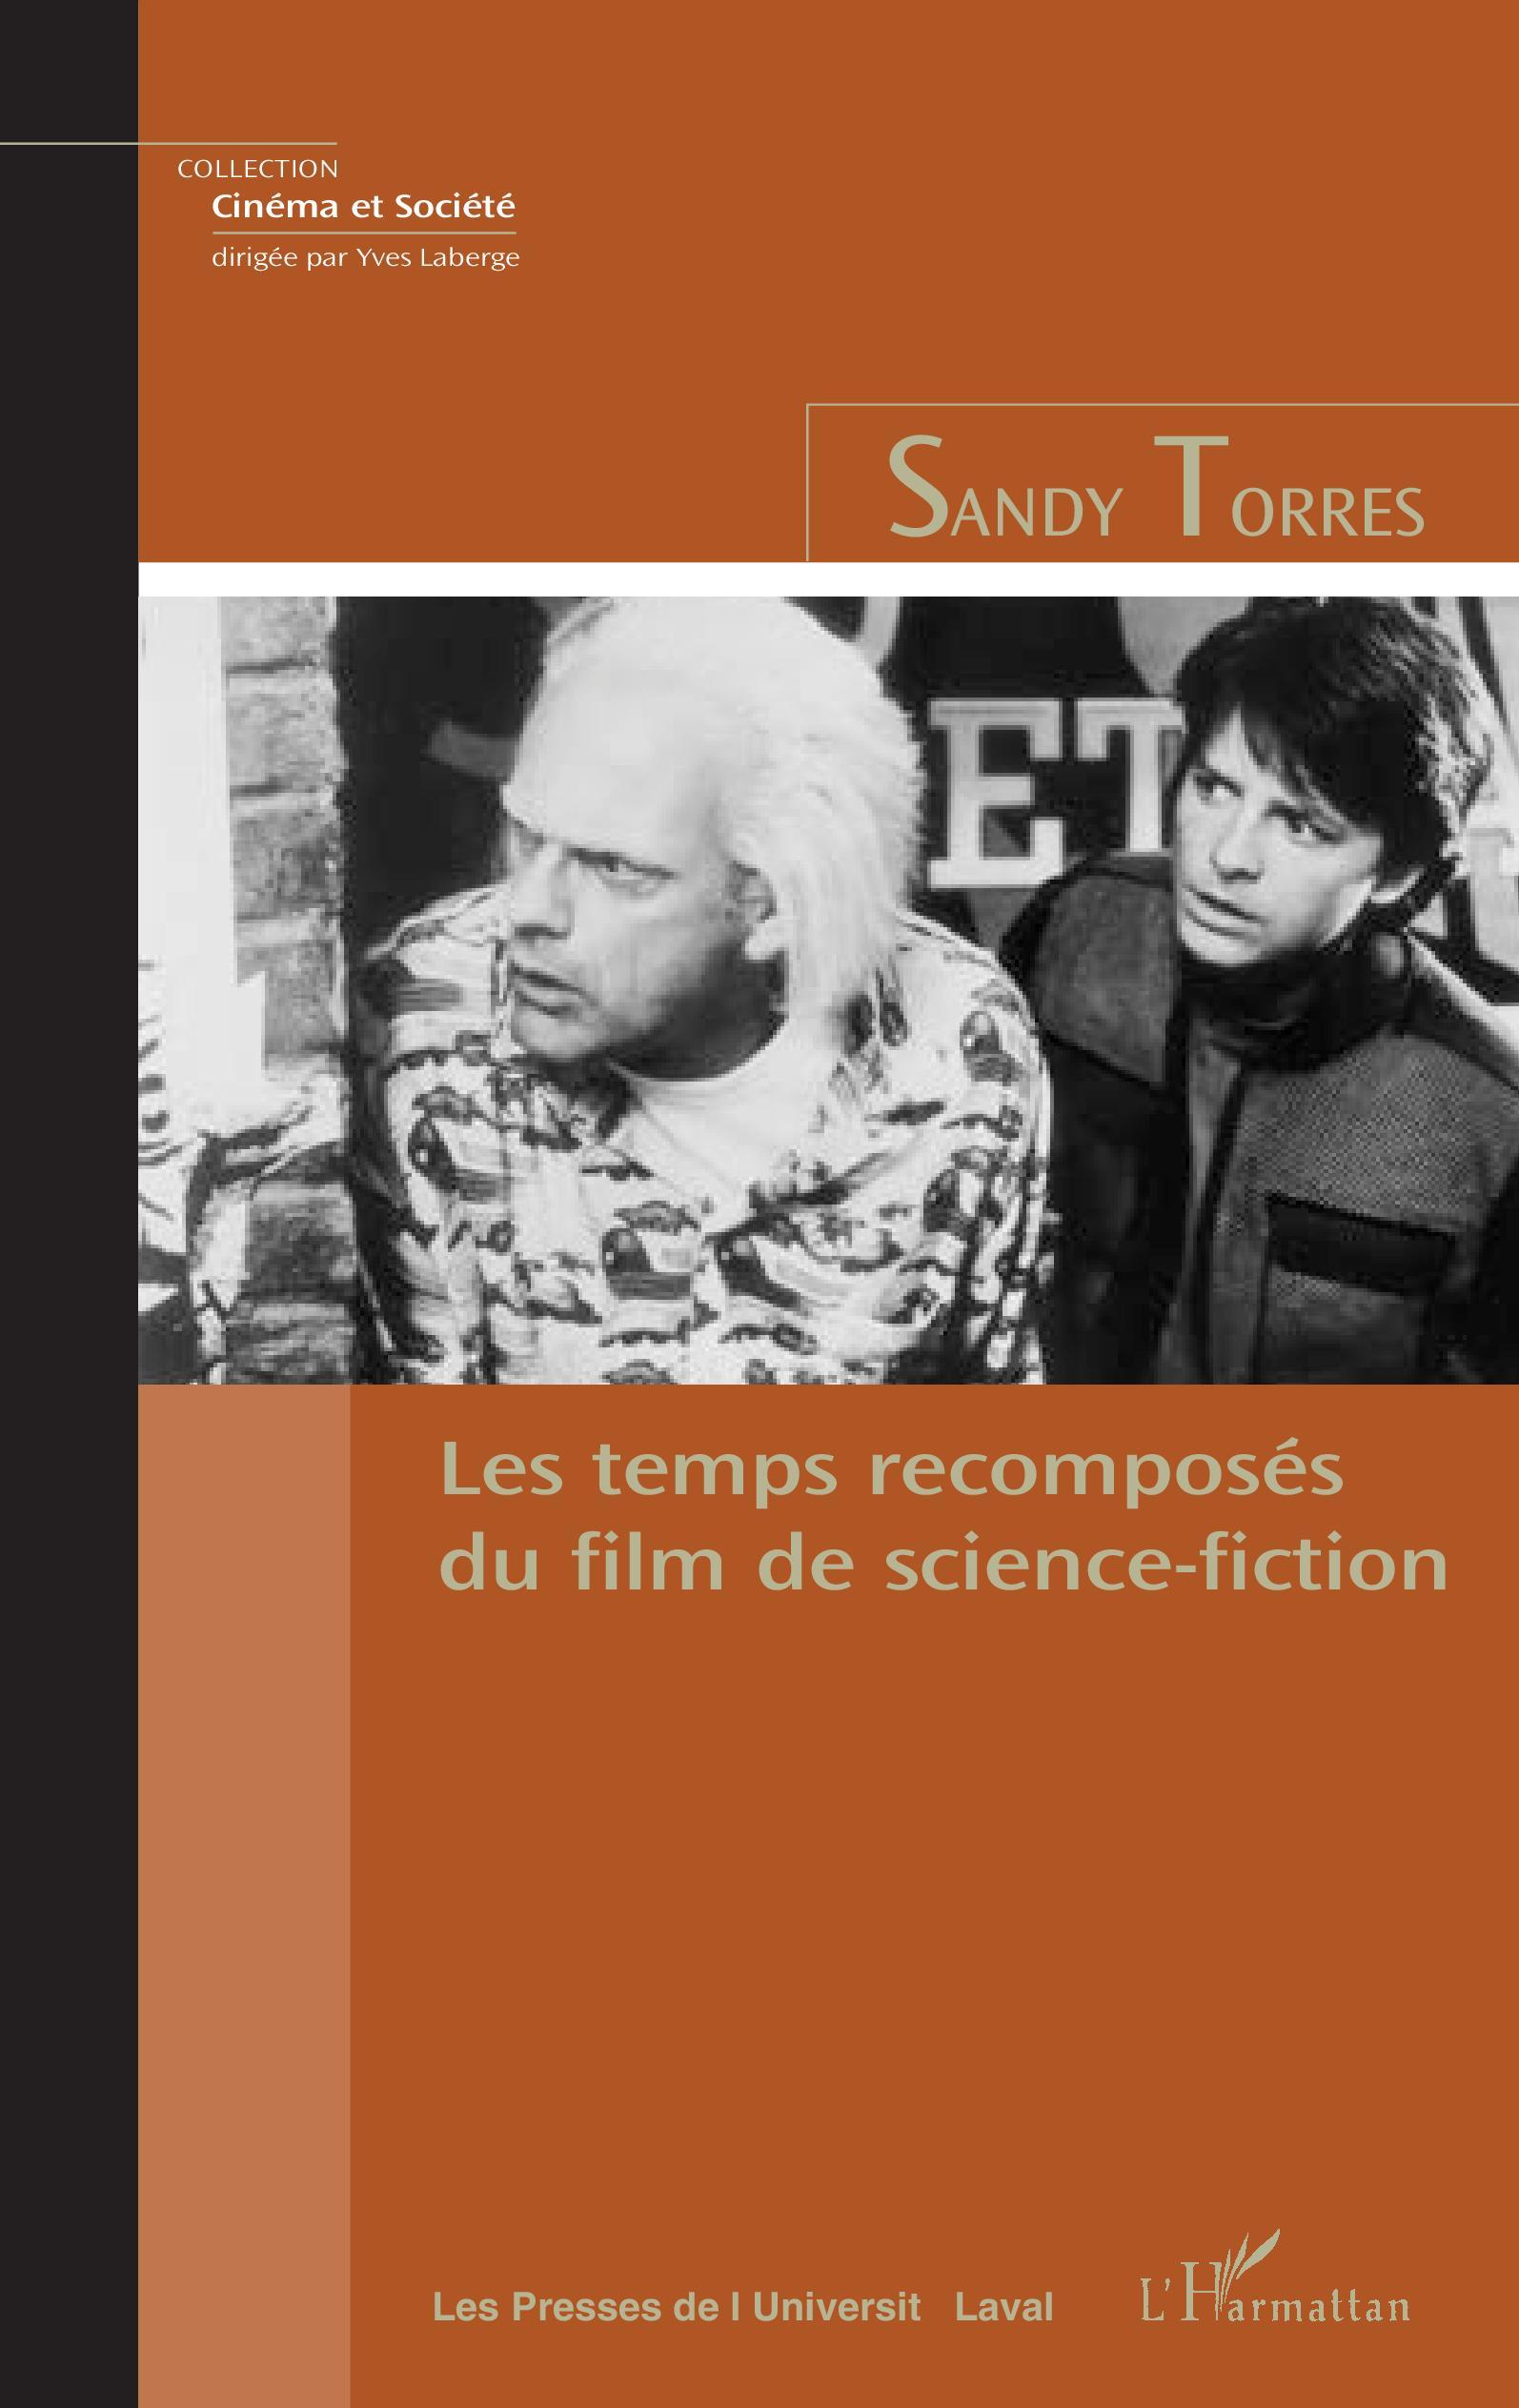 Les temps recomposés du film de science-fiction